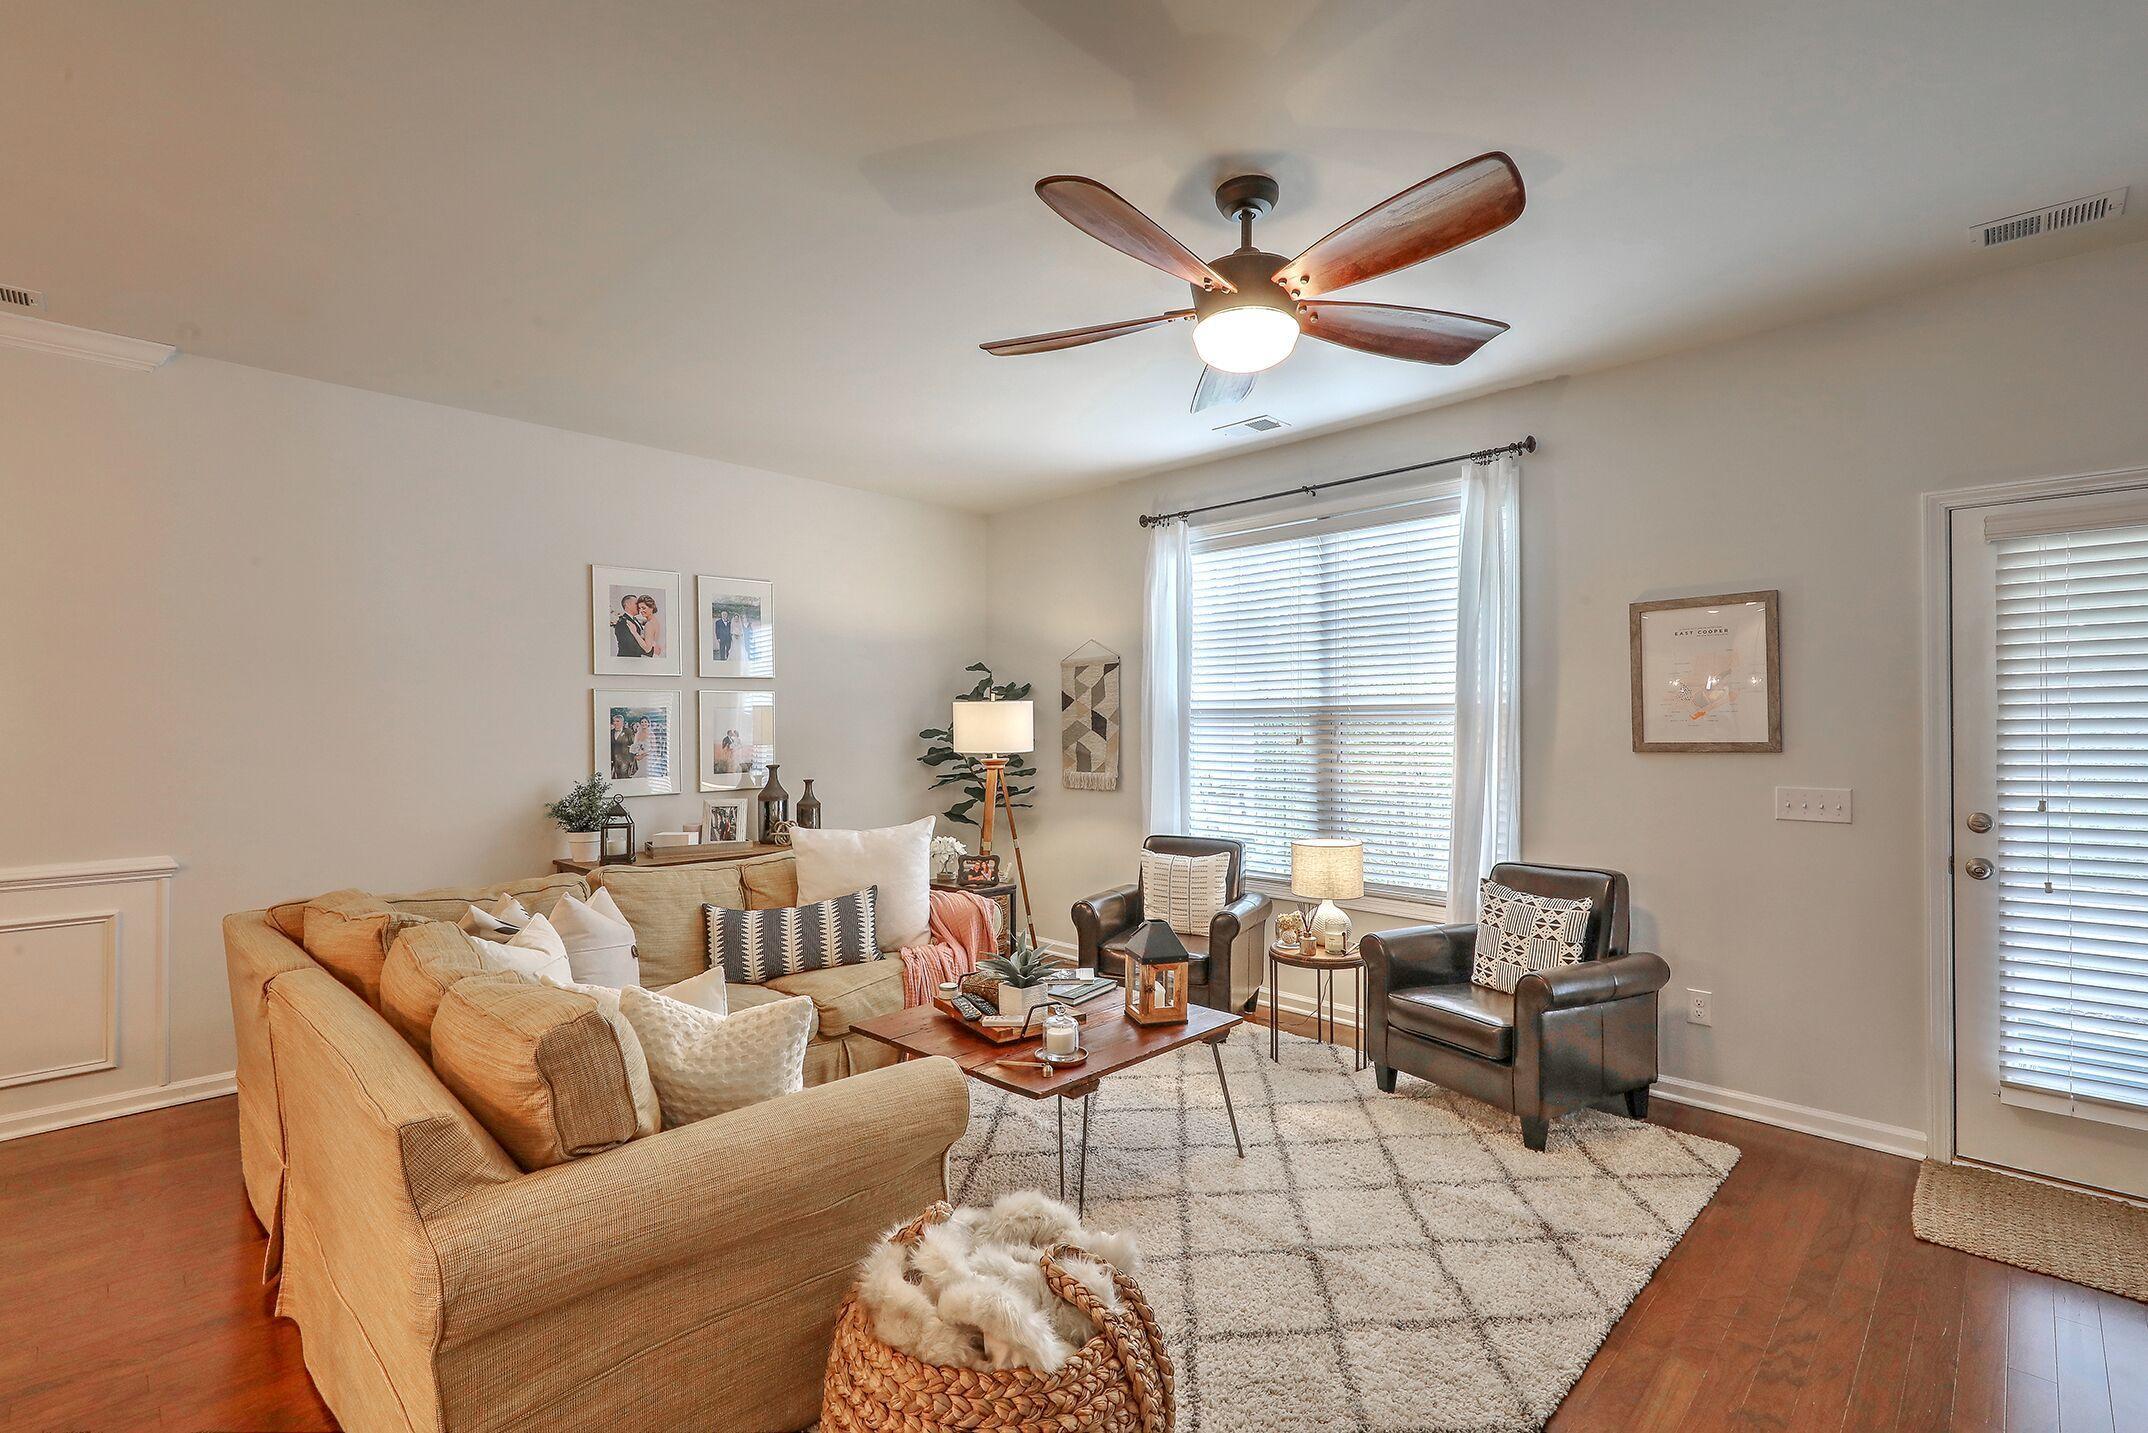 Park West Homes For Sale - 1819 Chauncys, Mount Pleasant, SC - 14